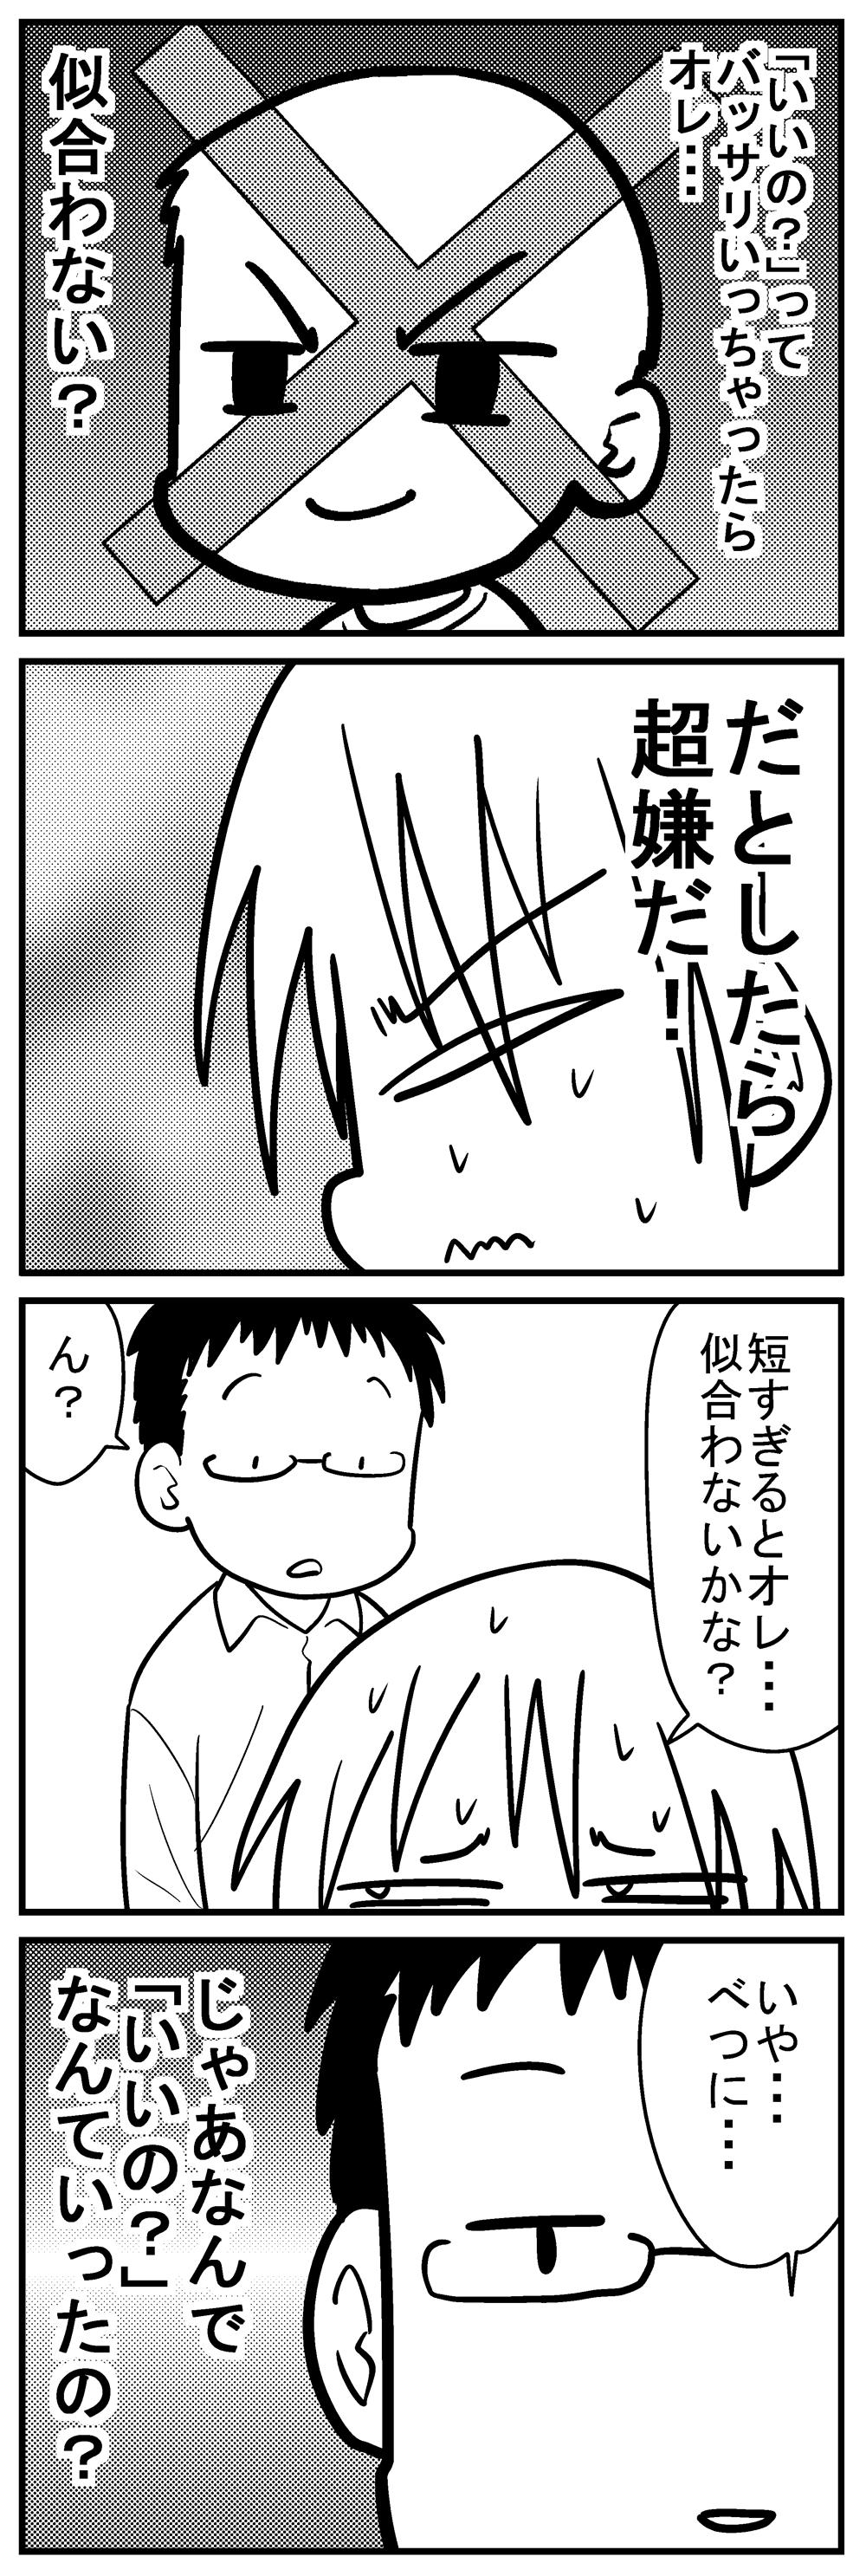 深読みくん122 3